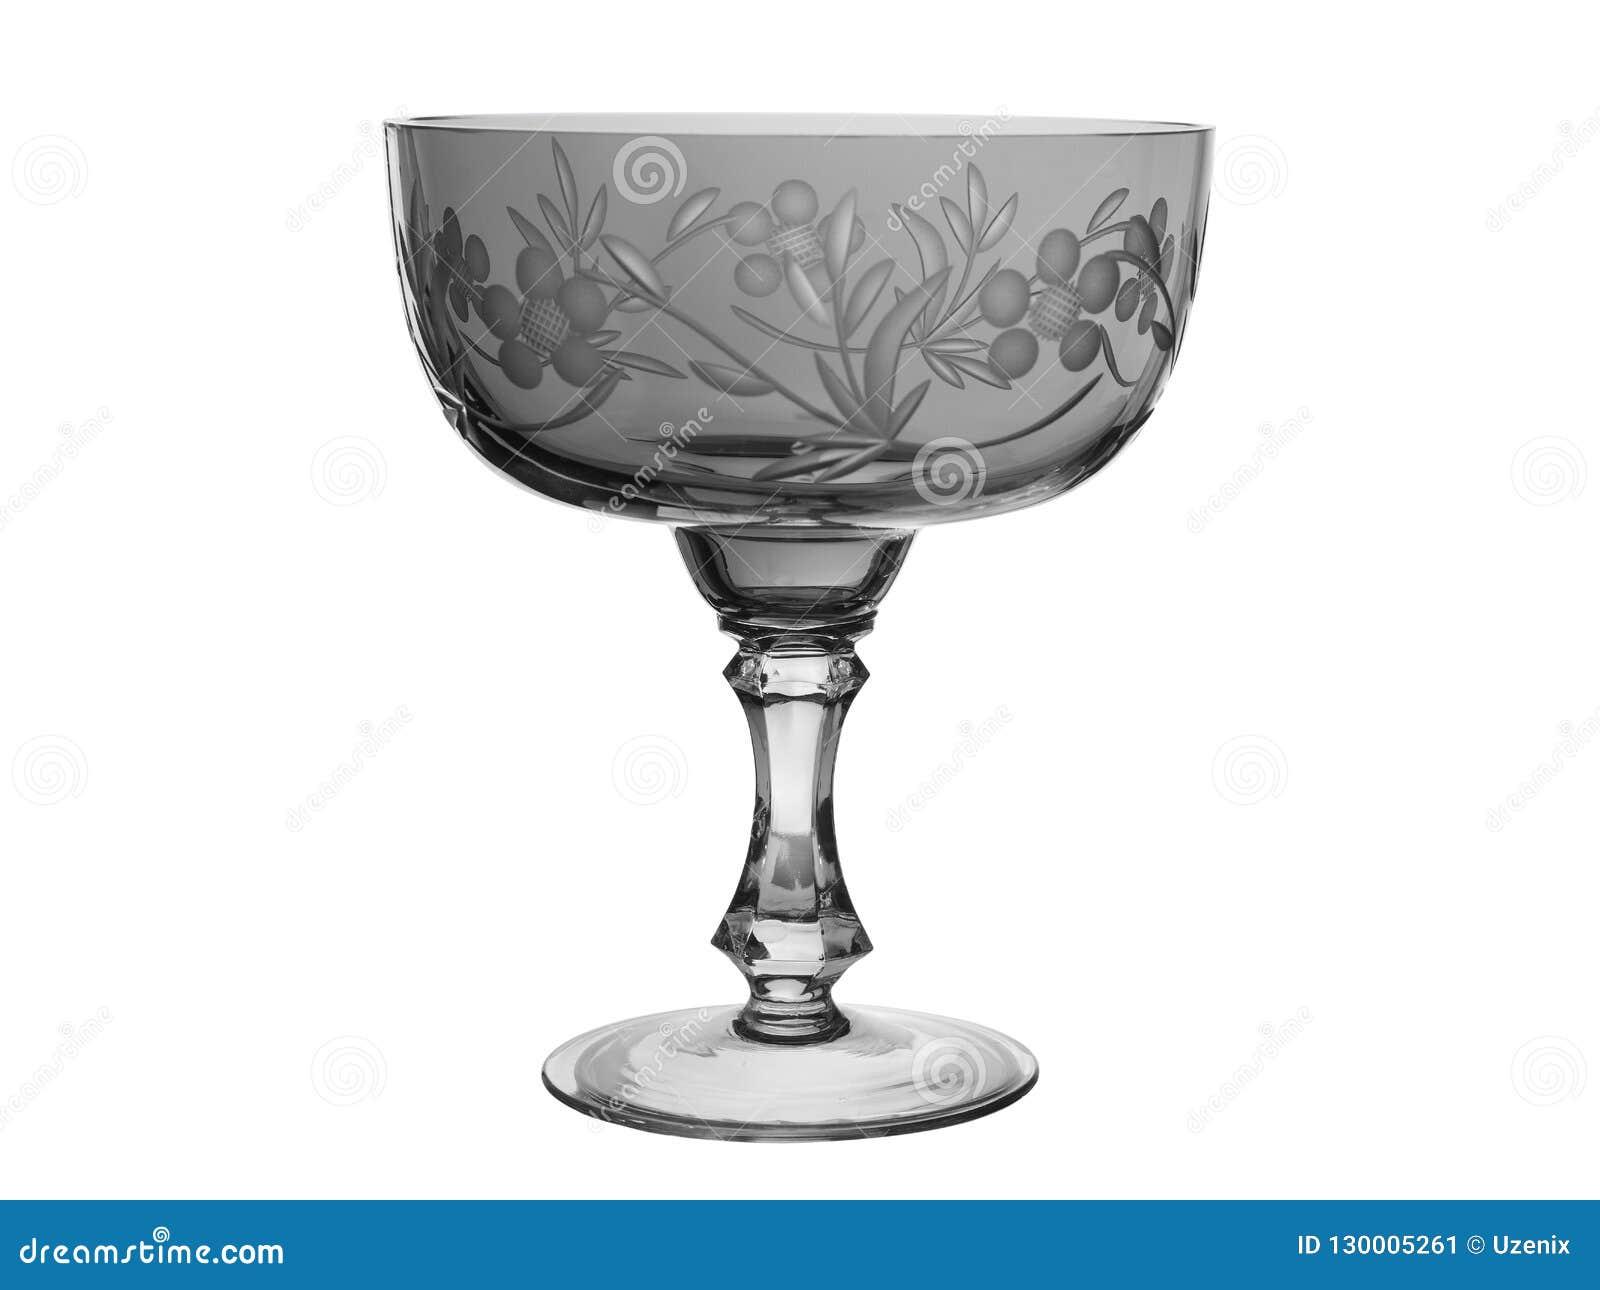 Kristallvase eine Schüssel mit der Zeichnung auf einem weißen Hintergrund